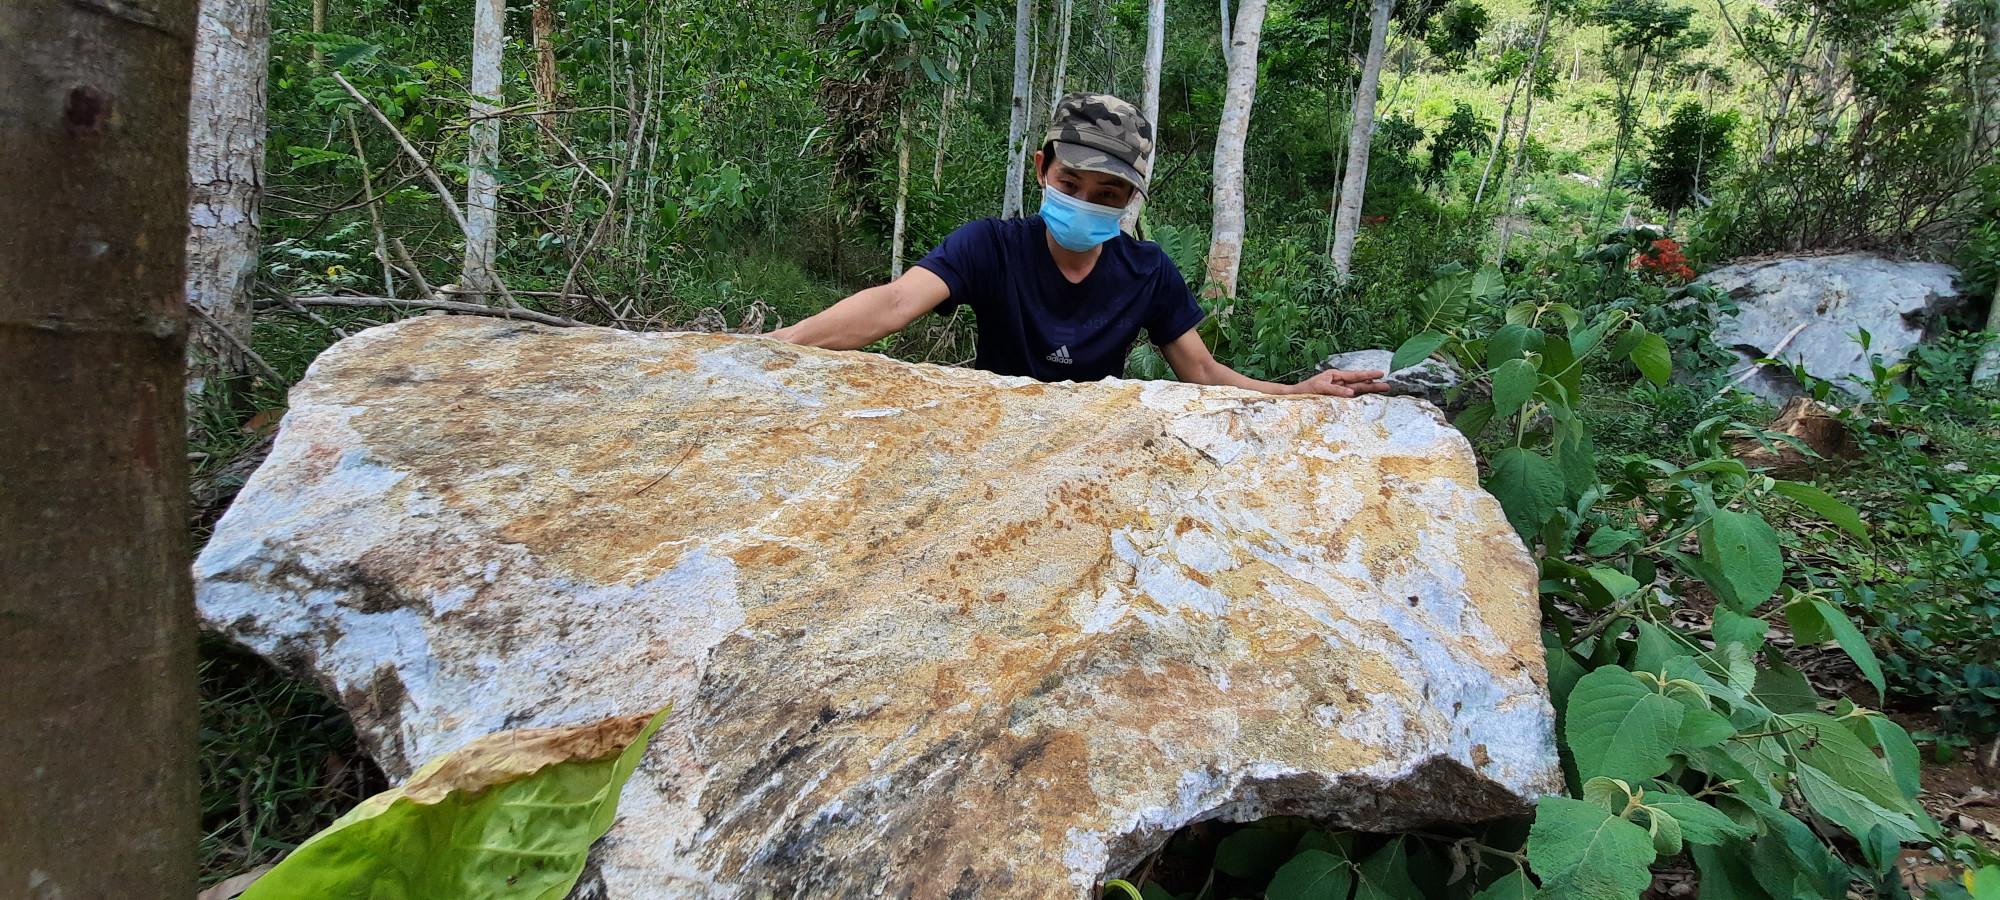 Những tảng đá lớn đổ xuống ngay phía sau lưng nhà những người dân thôn Thạnh Mỹ 2 khiến họ vô cùng lo lắng